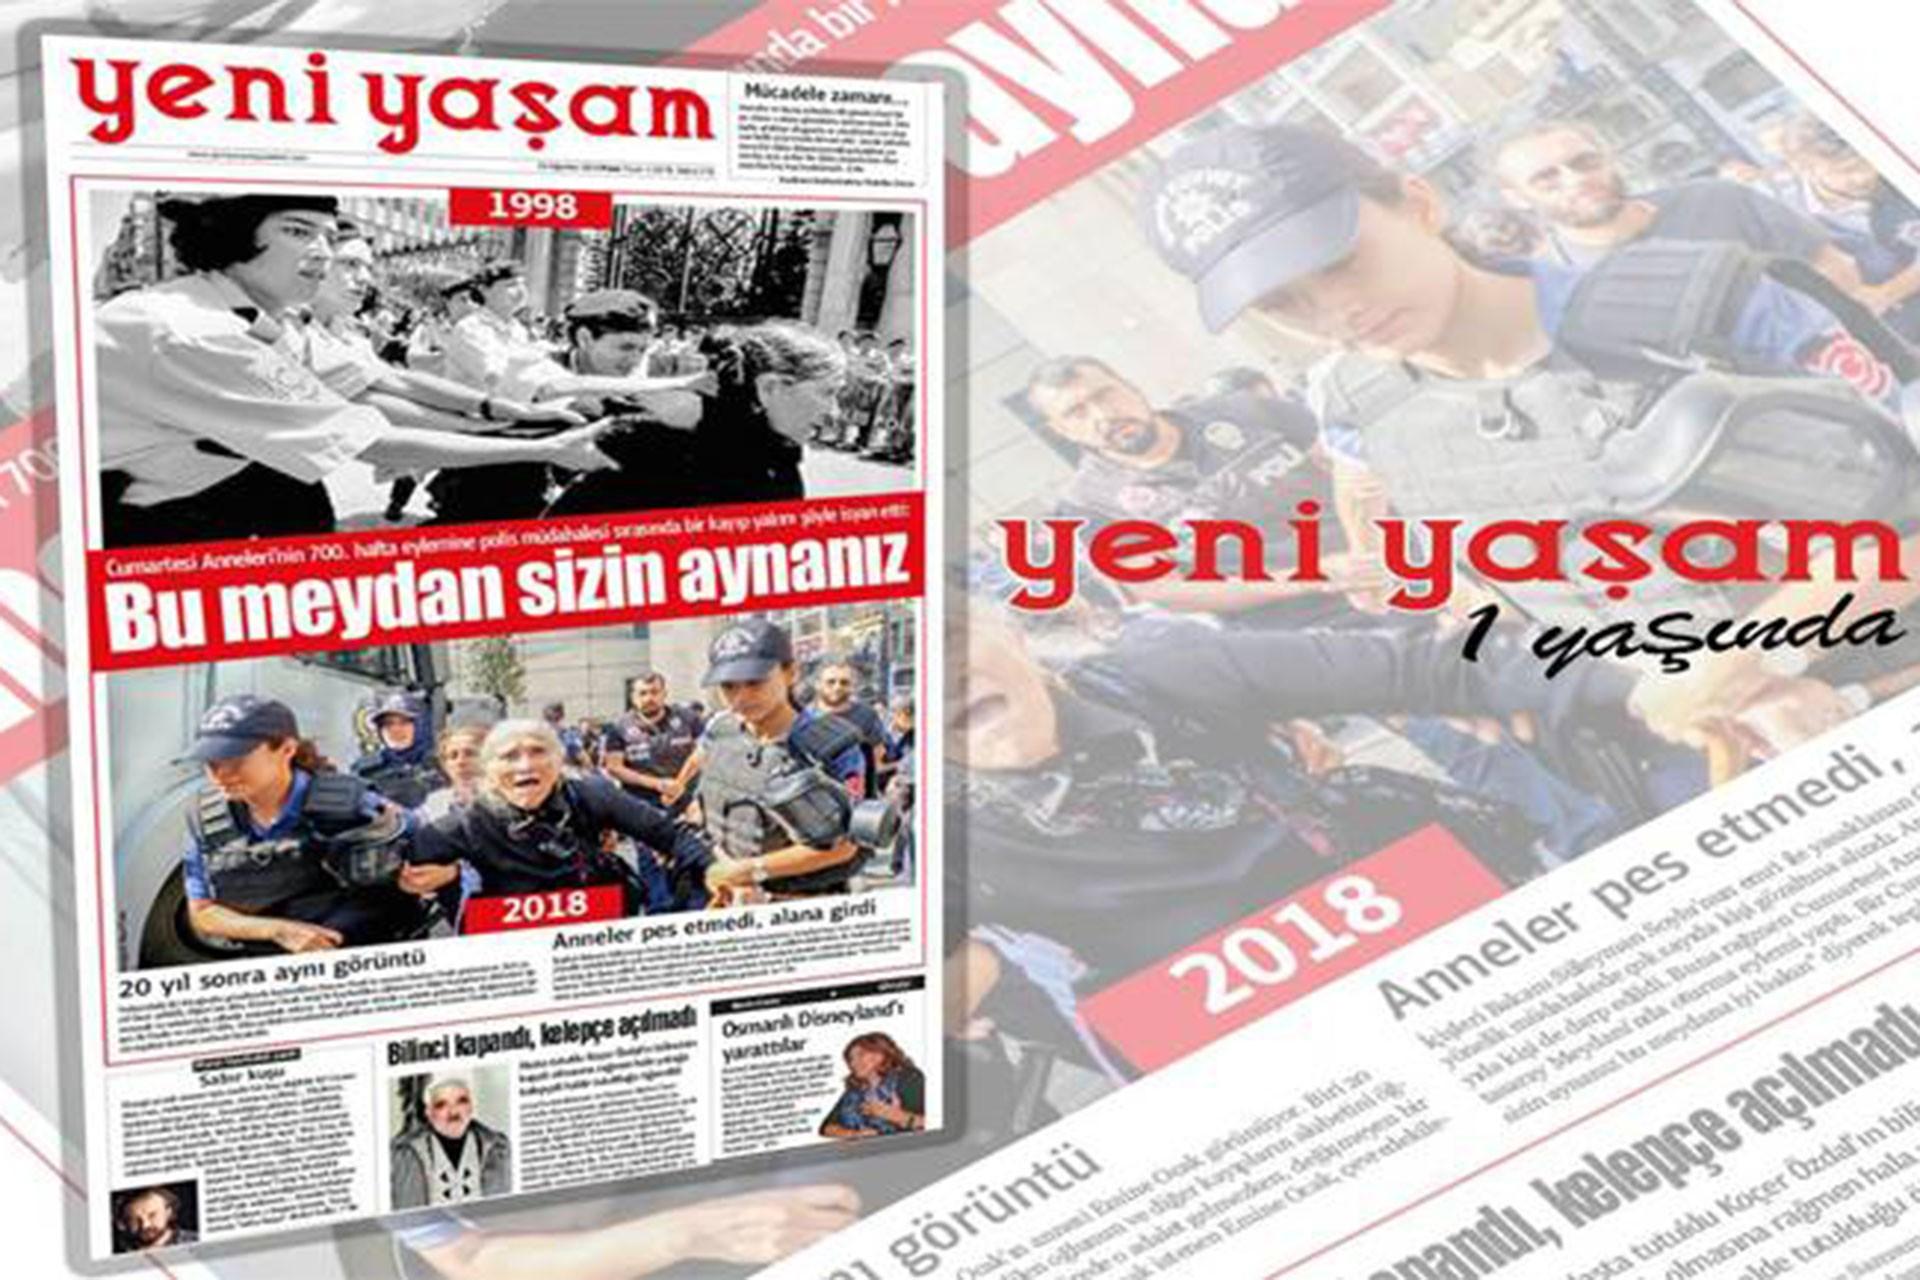 Yeni Yaşam Gazetesi 1 yaşında!